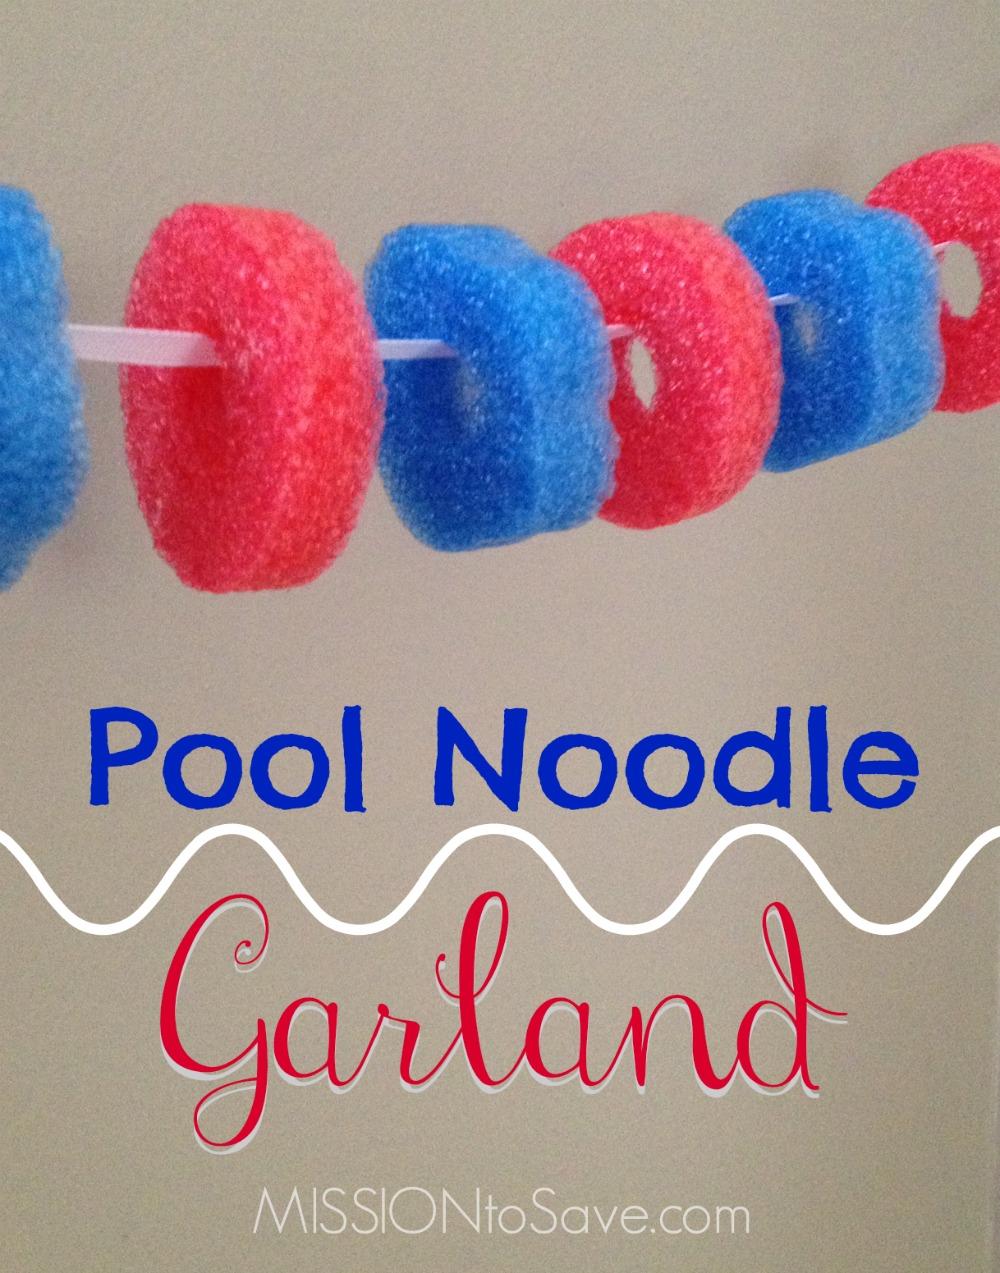 Pool Noodle Decoration Ideas